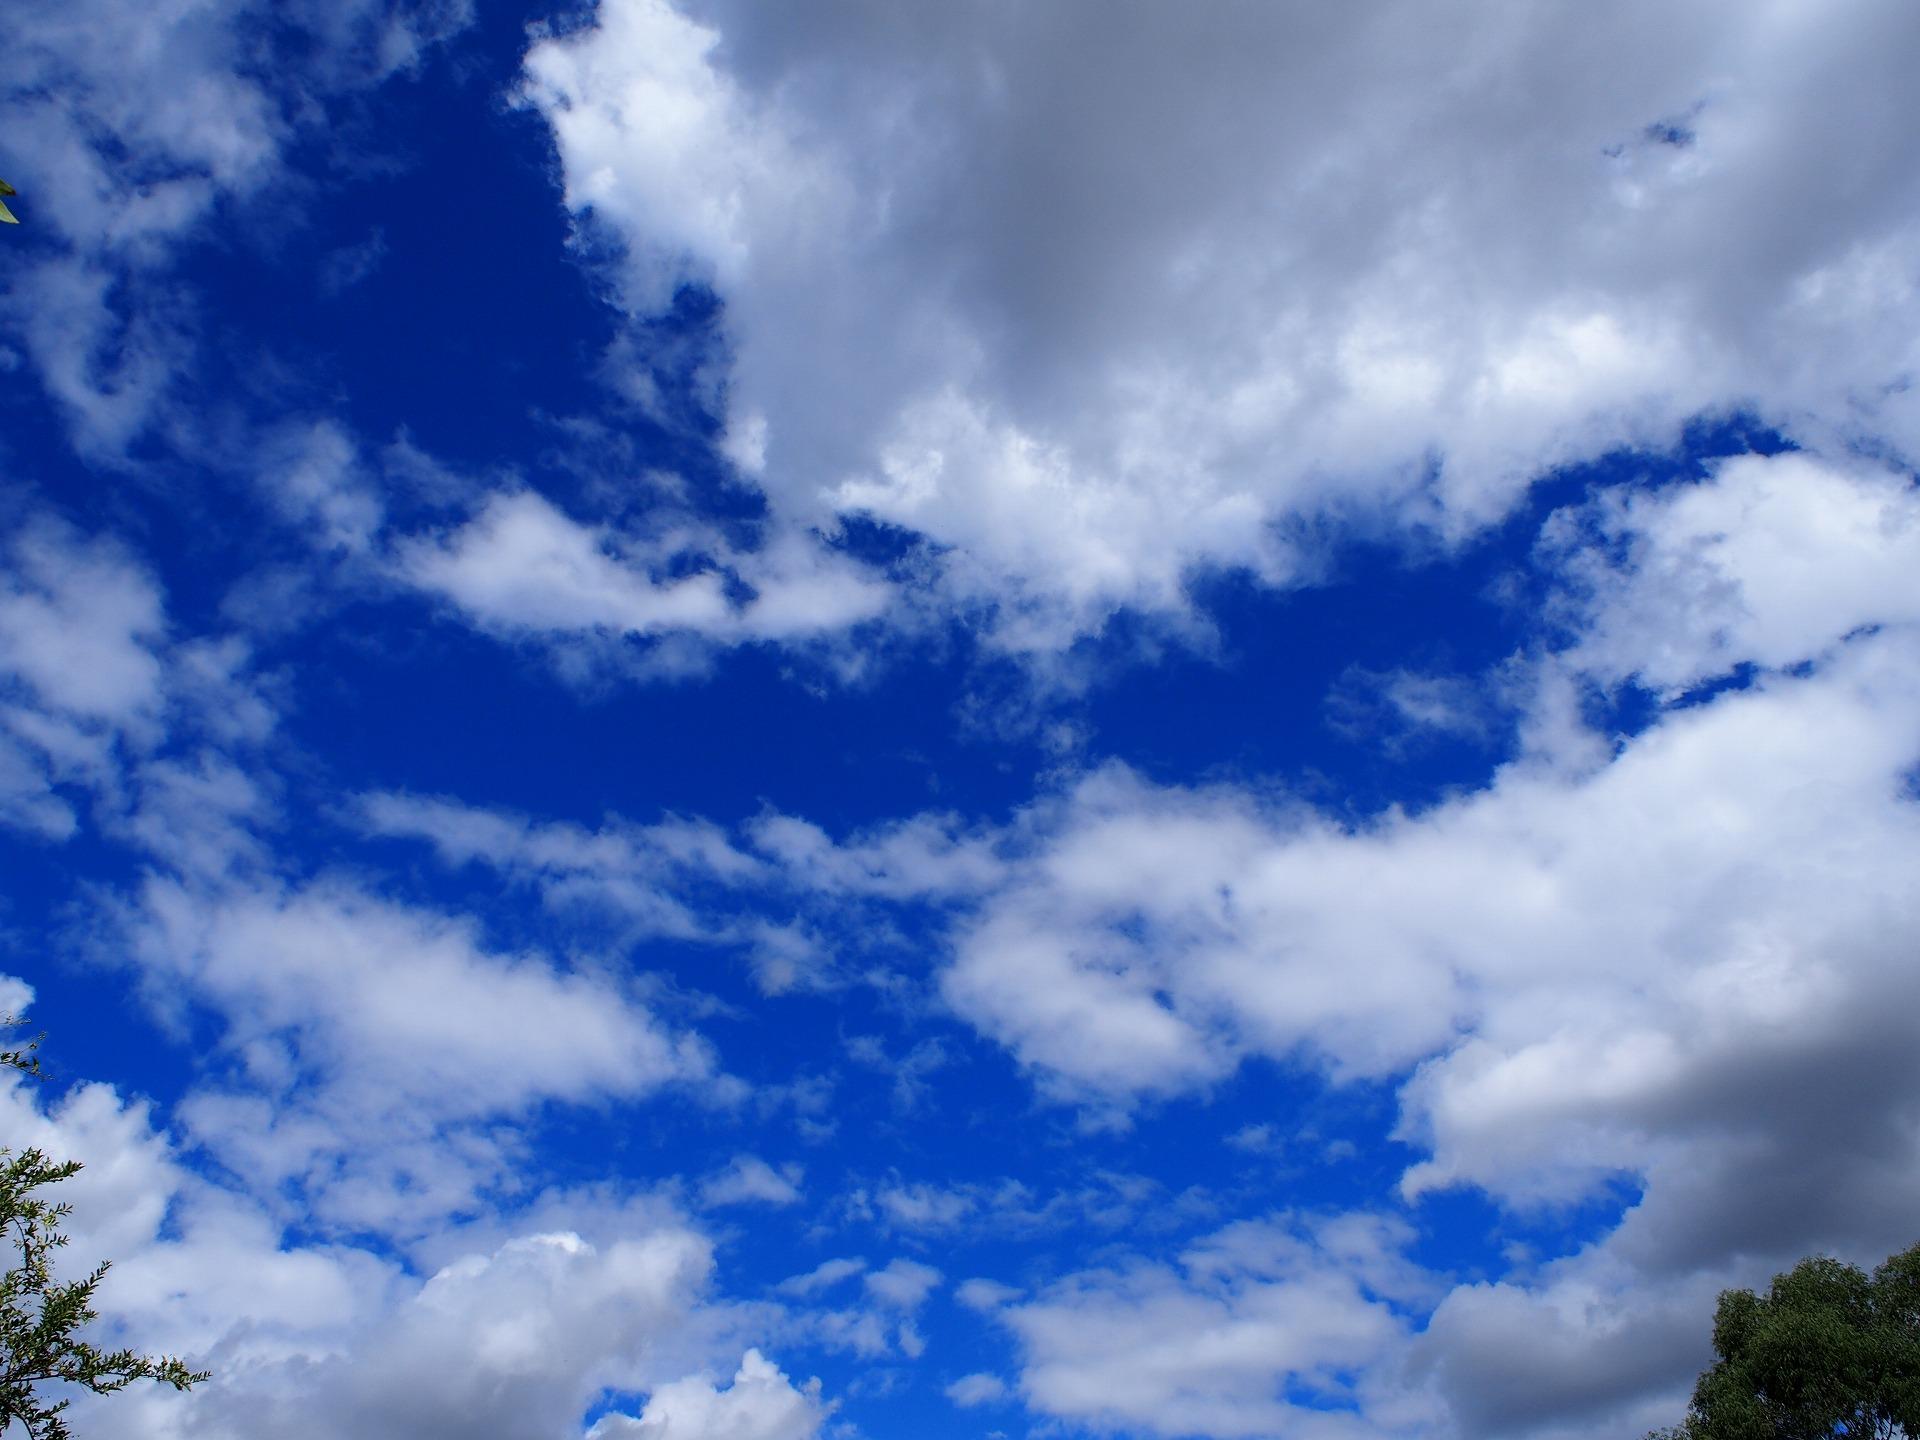 見上げると青の濃い空